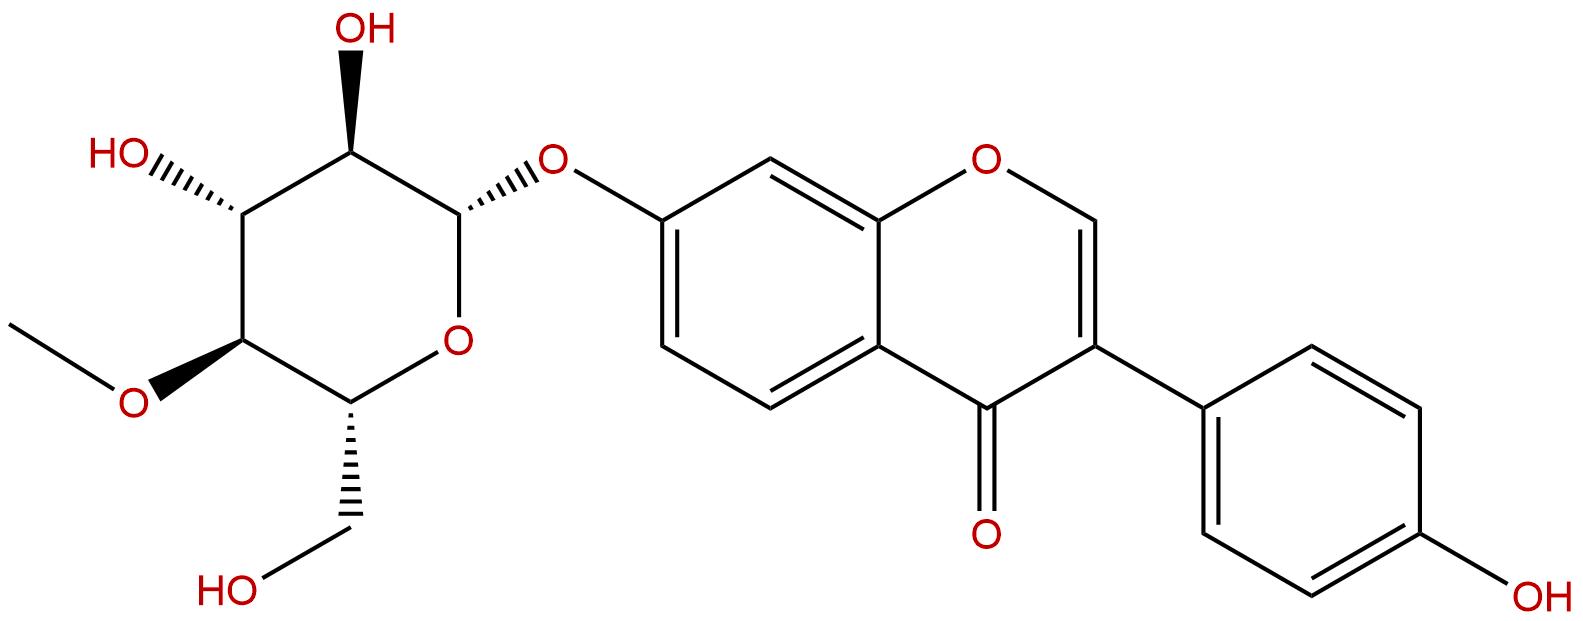 Daidzein 7-O-beta-D-glucoside 4''-O-methylate